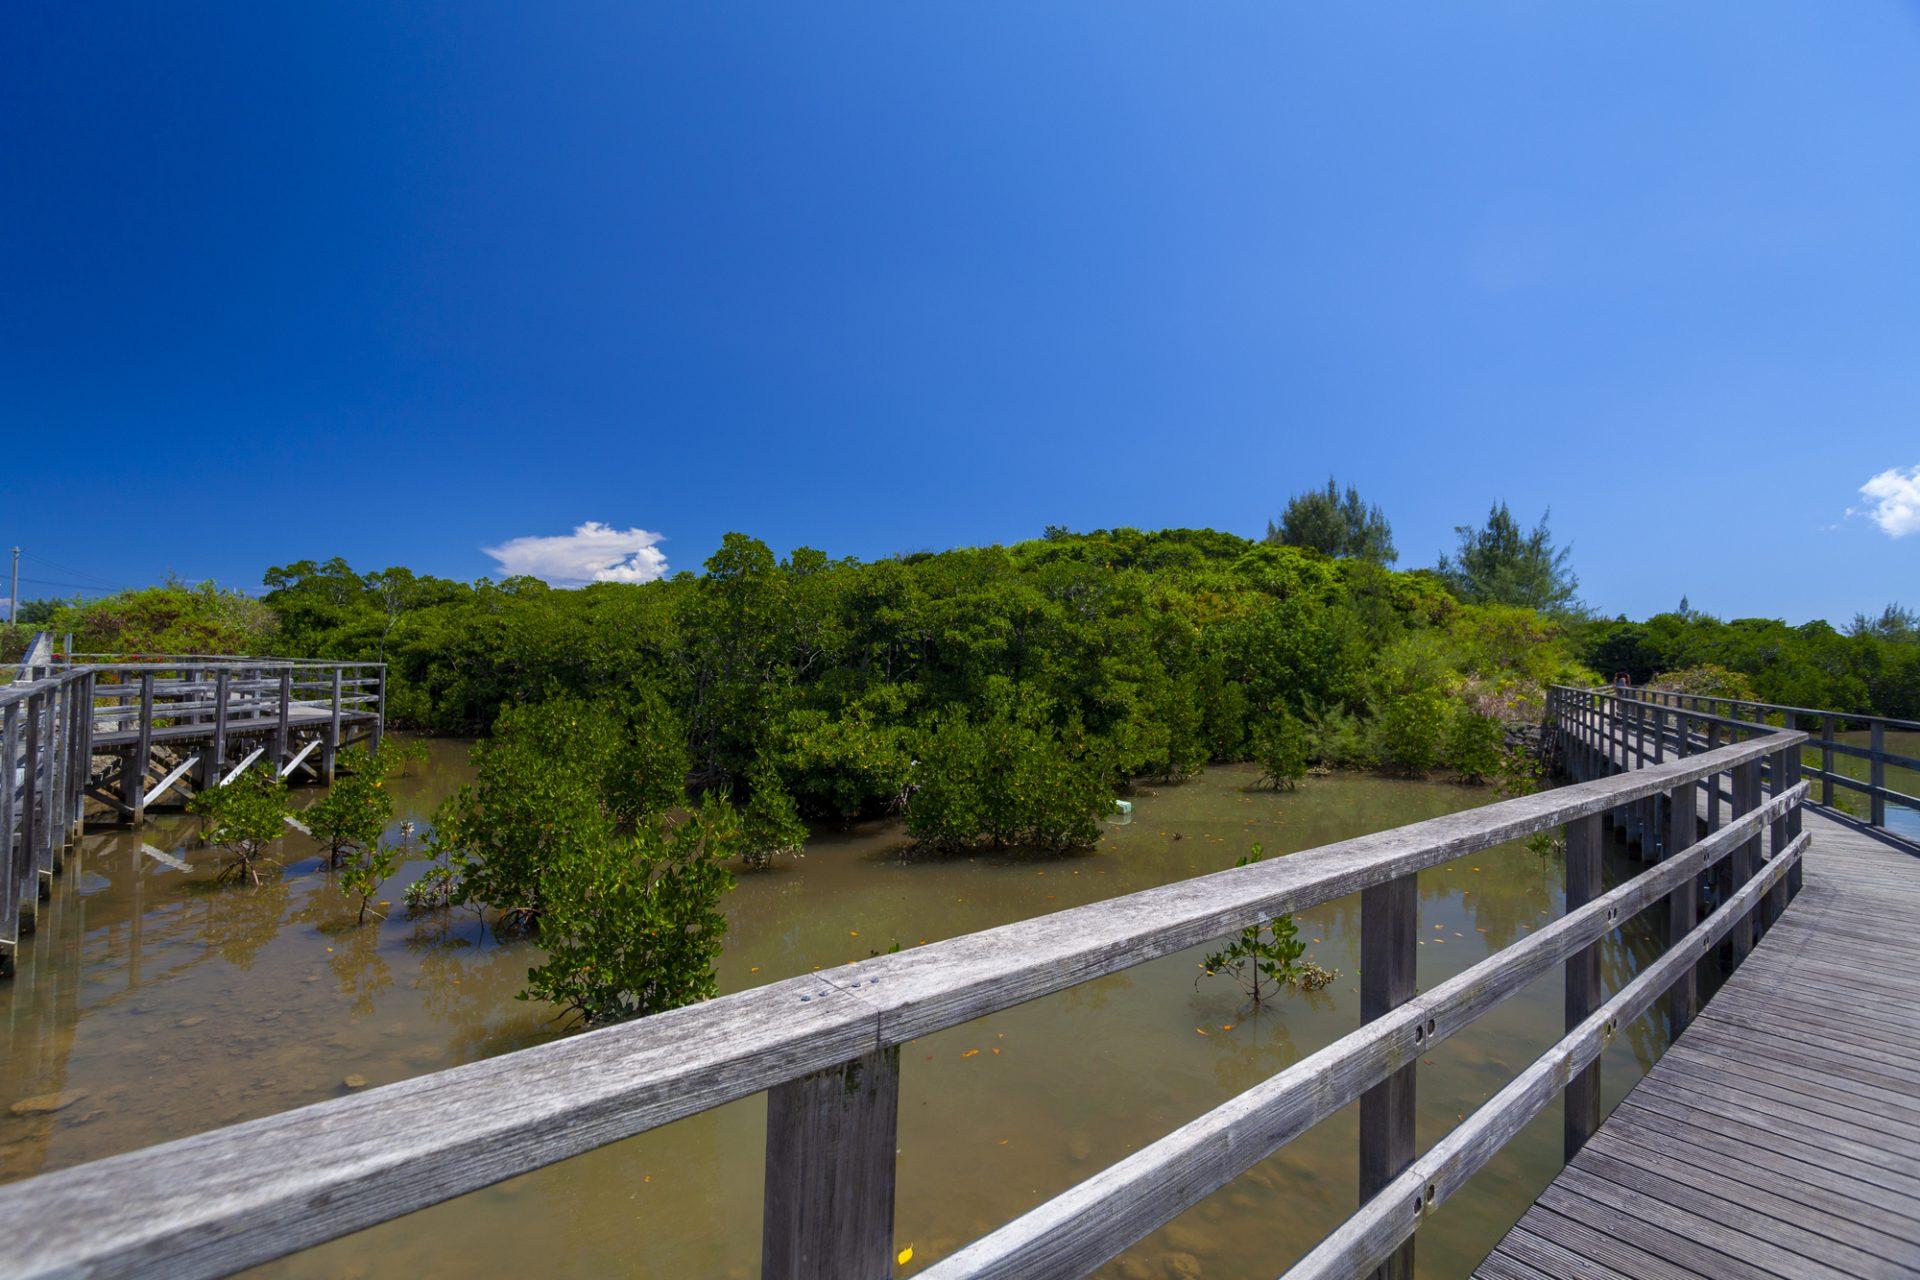 島尻のマングローブ林 宮古島 観光 スポット おすすめ 沖縄 旅行